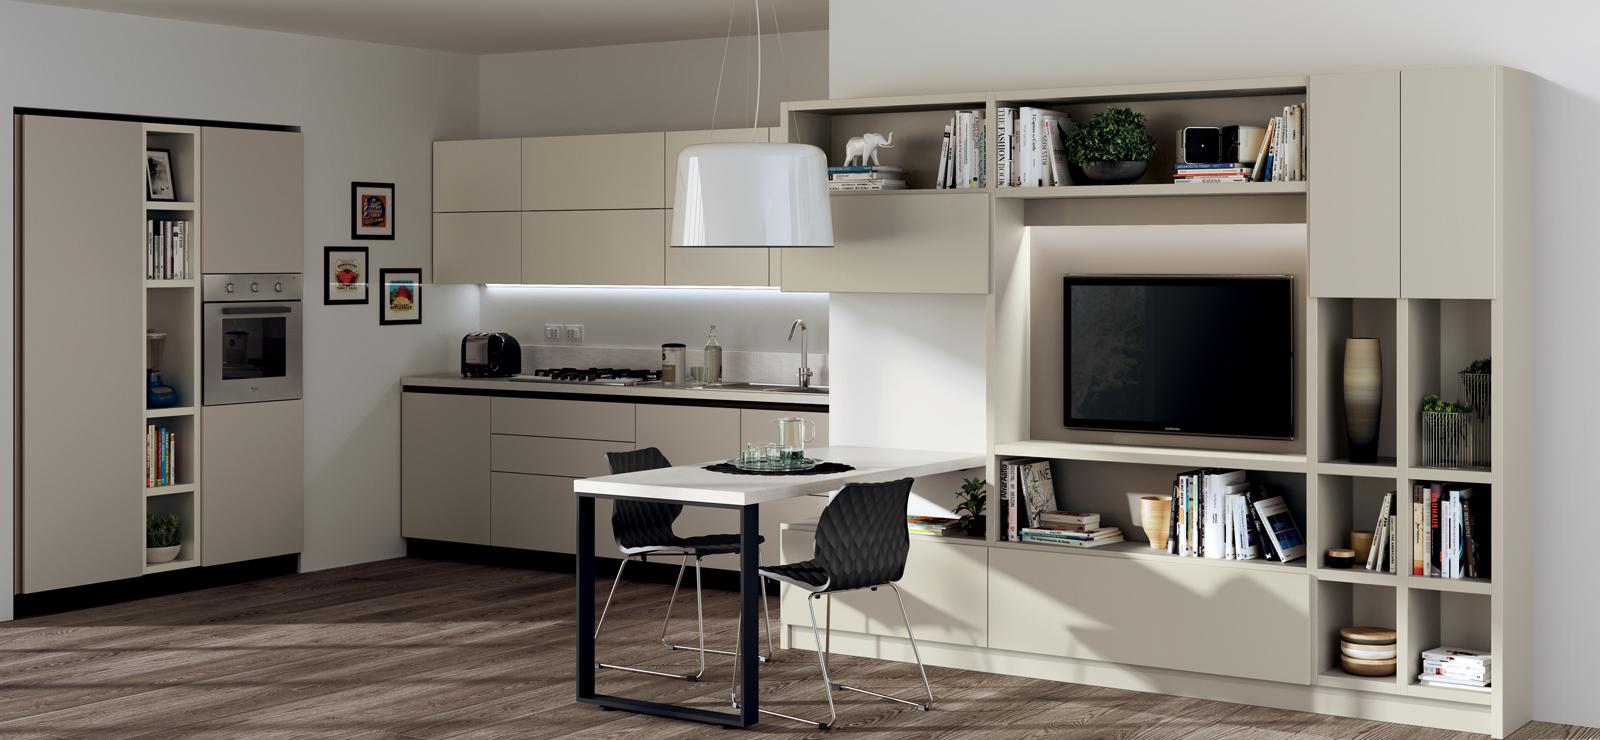 Appliances Connection-4